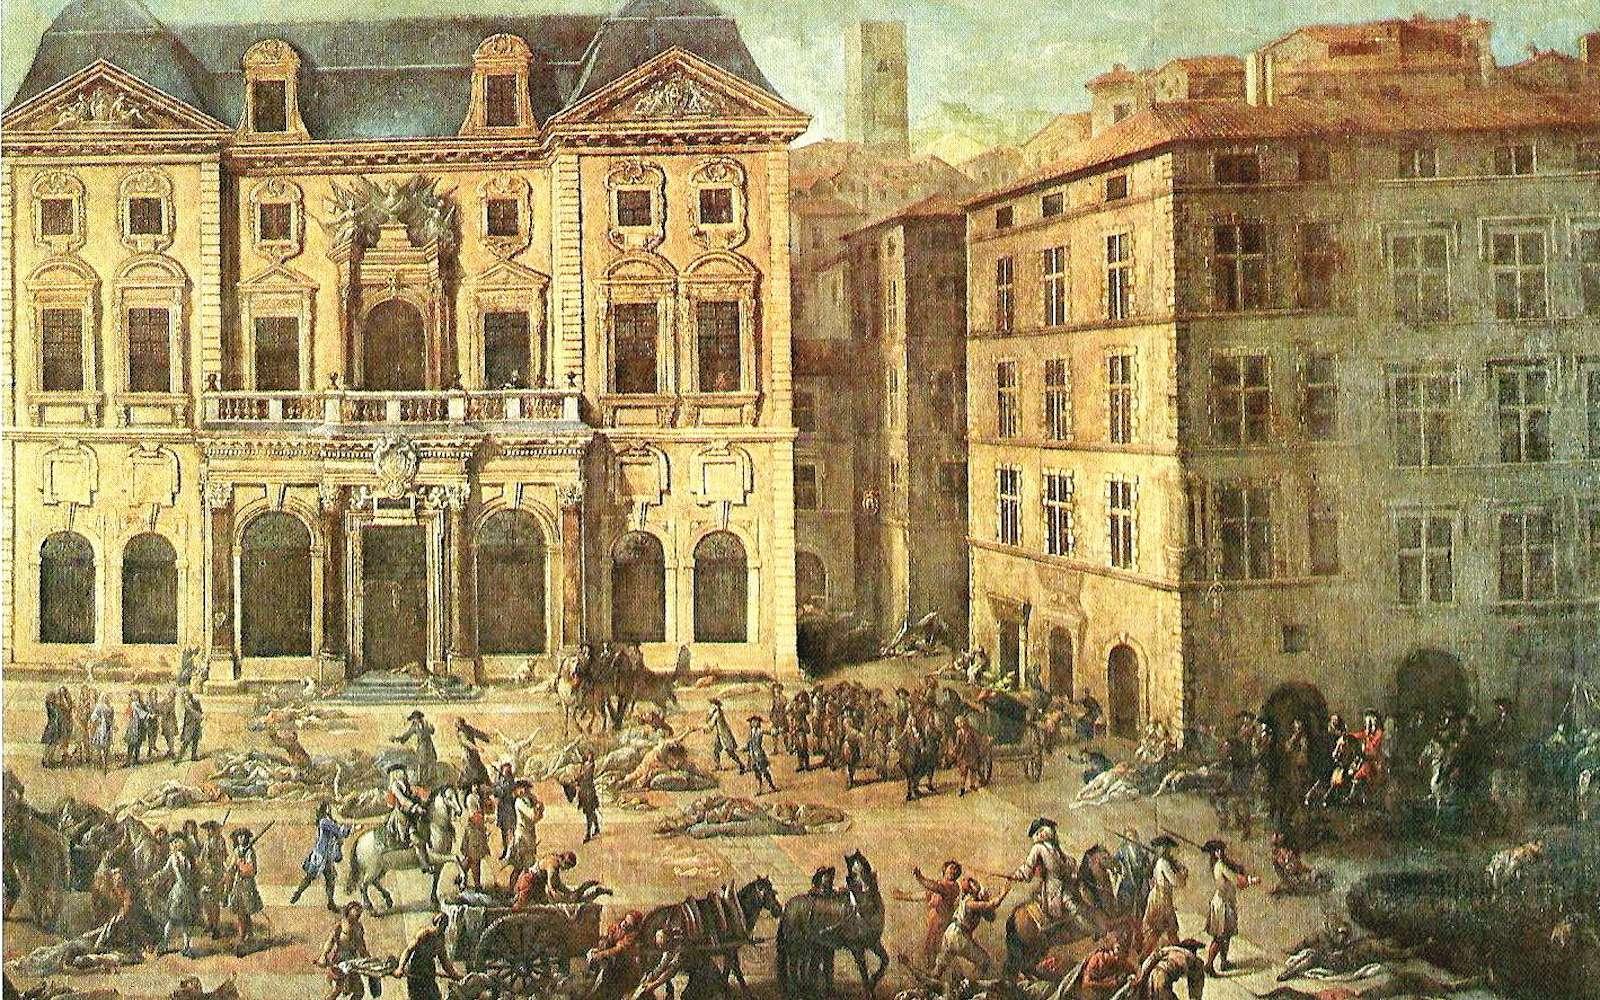 Tableau de Michel Serre représentant l'hôtel de ville de Marseille pendant la peste de 1720. © Robert Valette, Wikipedia